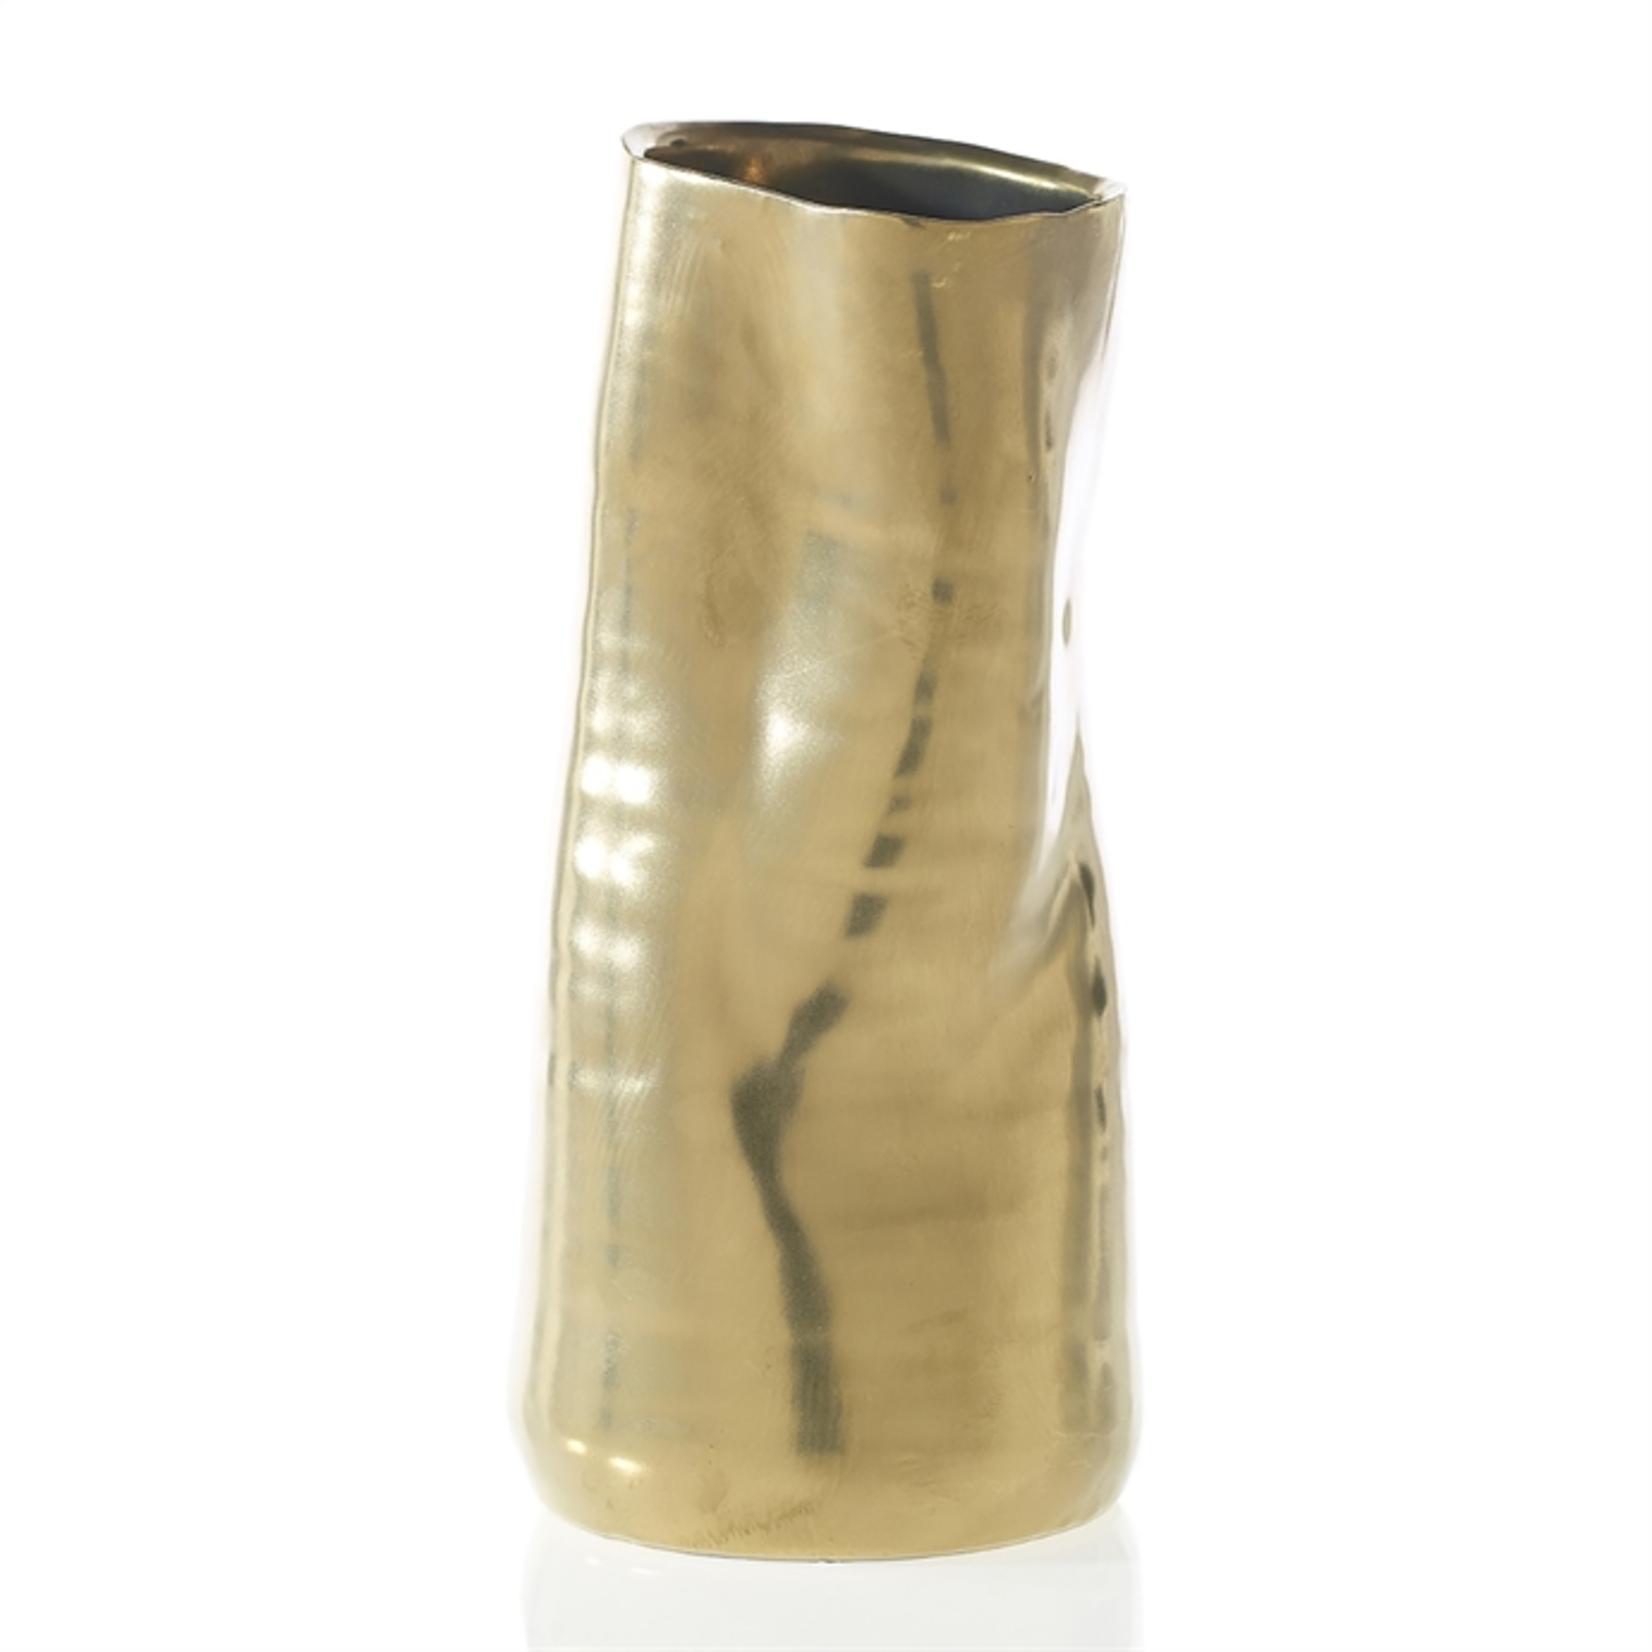 4.25'' x 9'' GOLD Tegan Pot and Vase (AD)